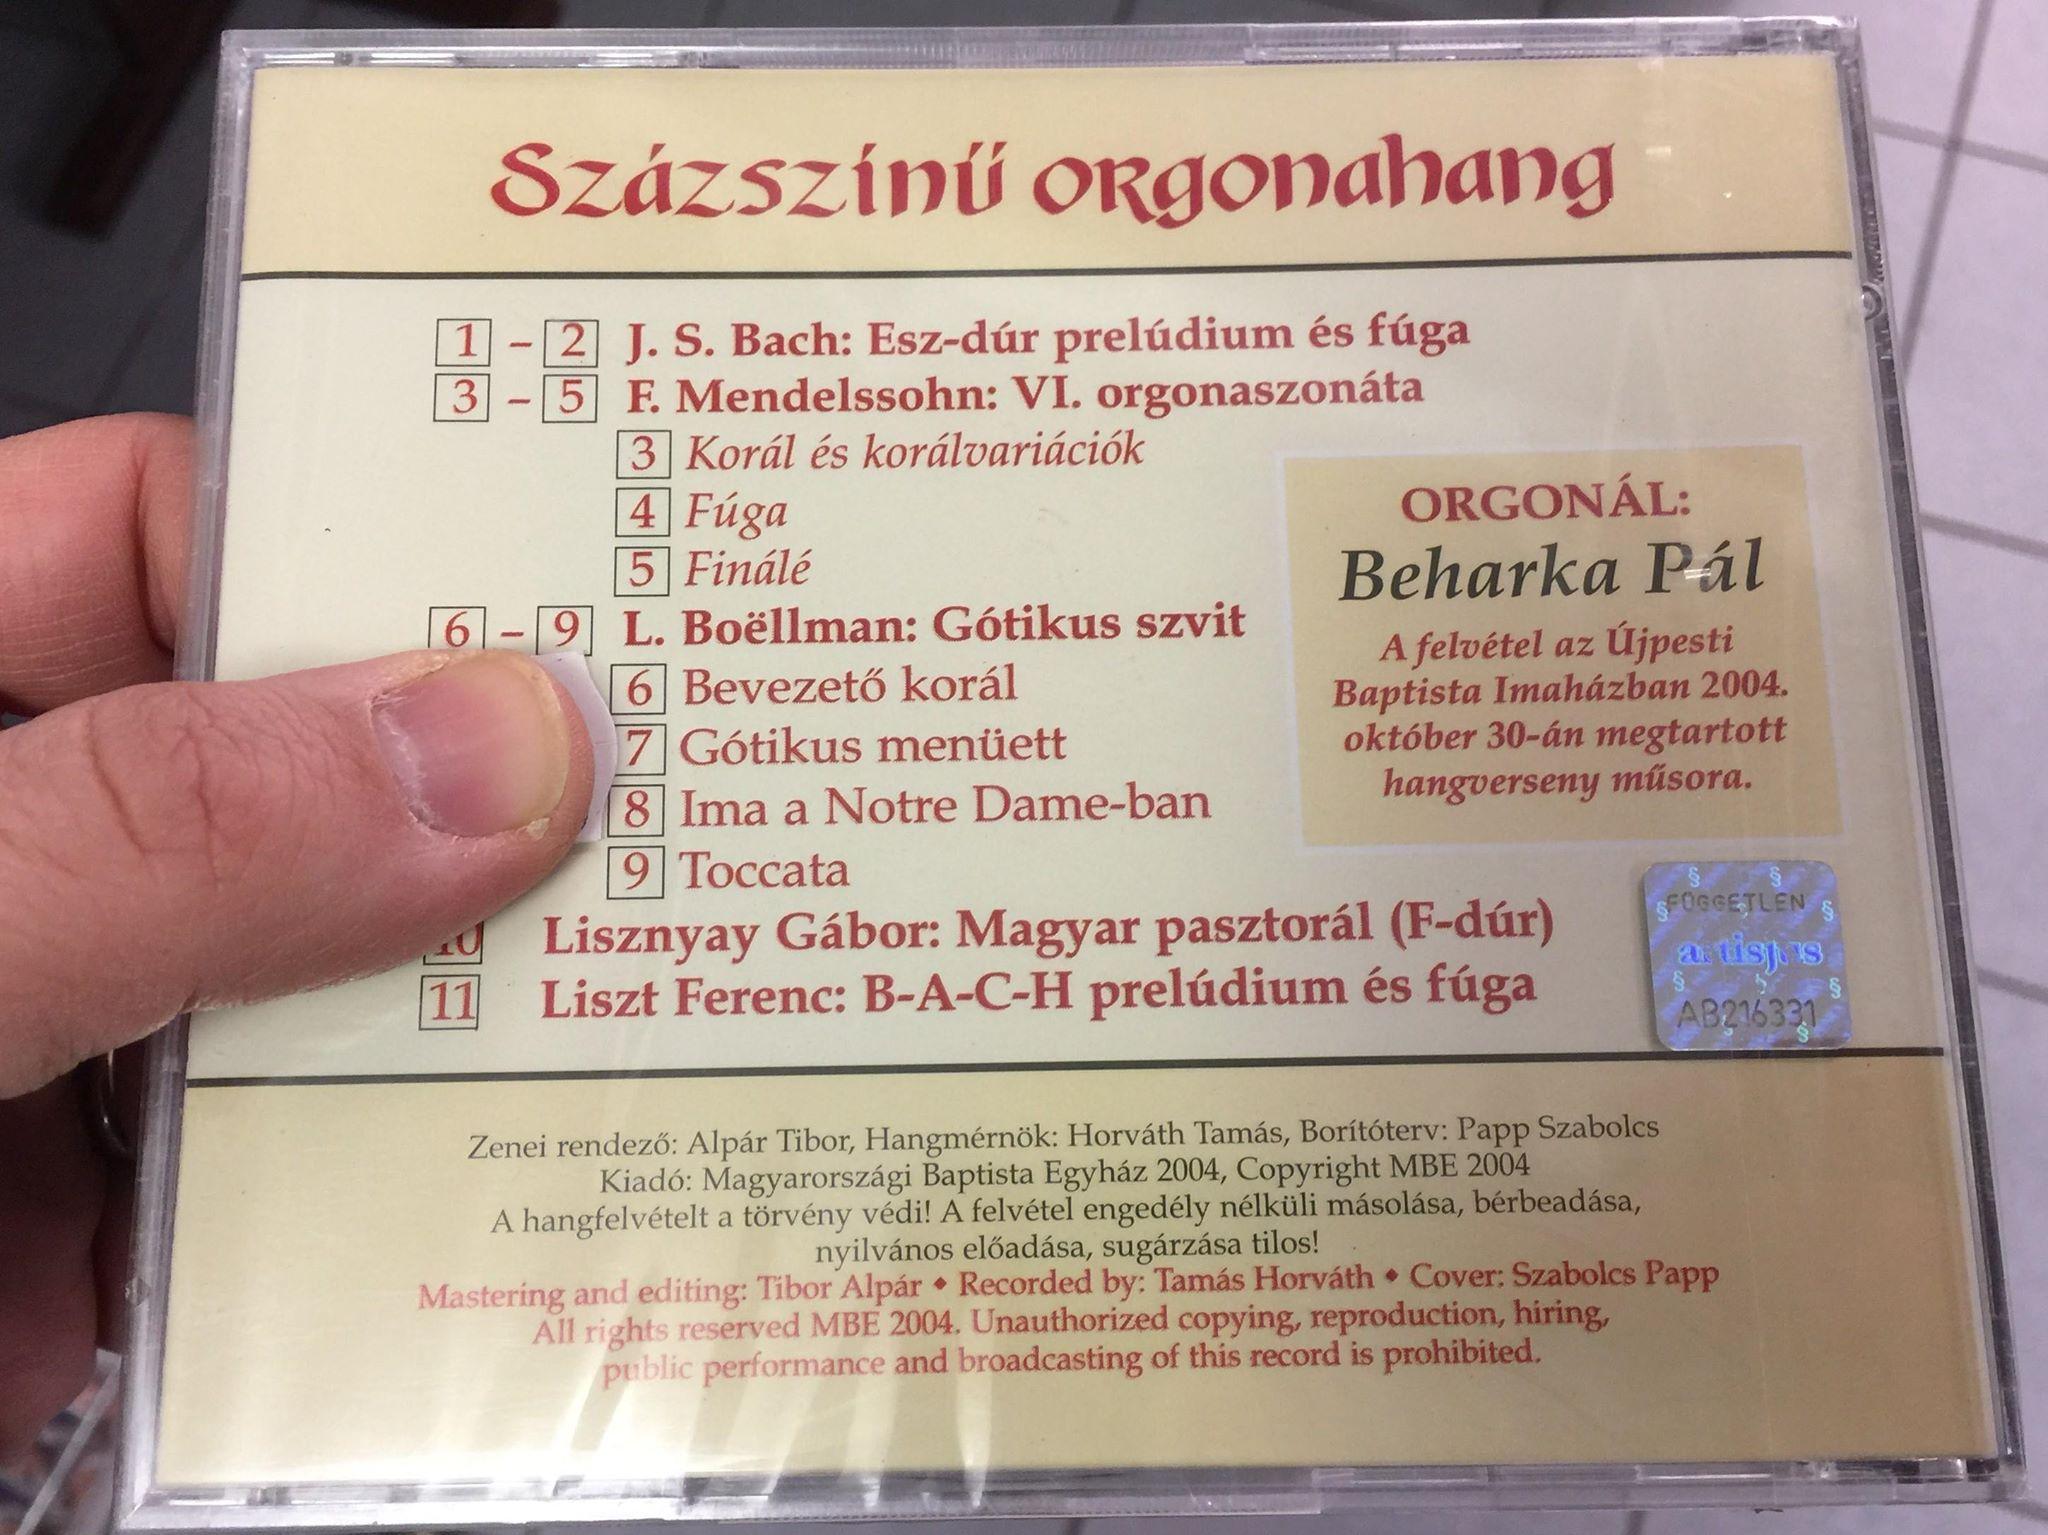 szazszinu-orgonahang-100-organ-sounds-beharka-pal-concert-recording-with-organ-player-beharka-p-l-hungarian-cd-2004-mbe-2-.jpg